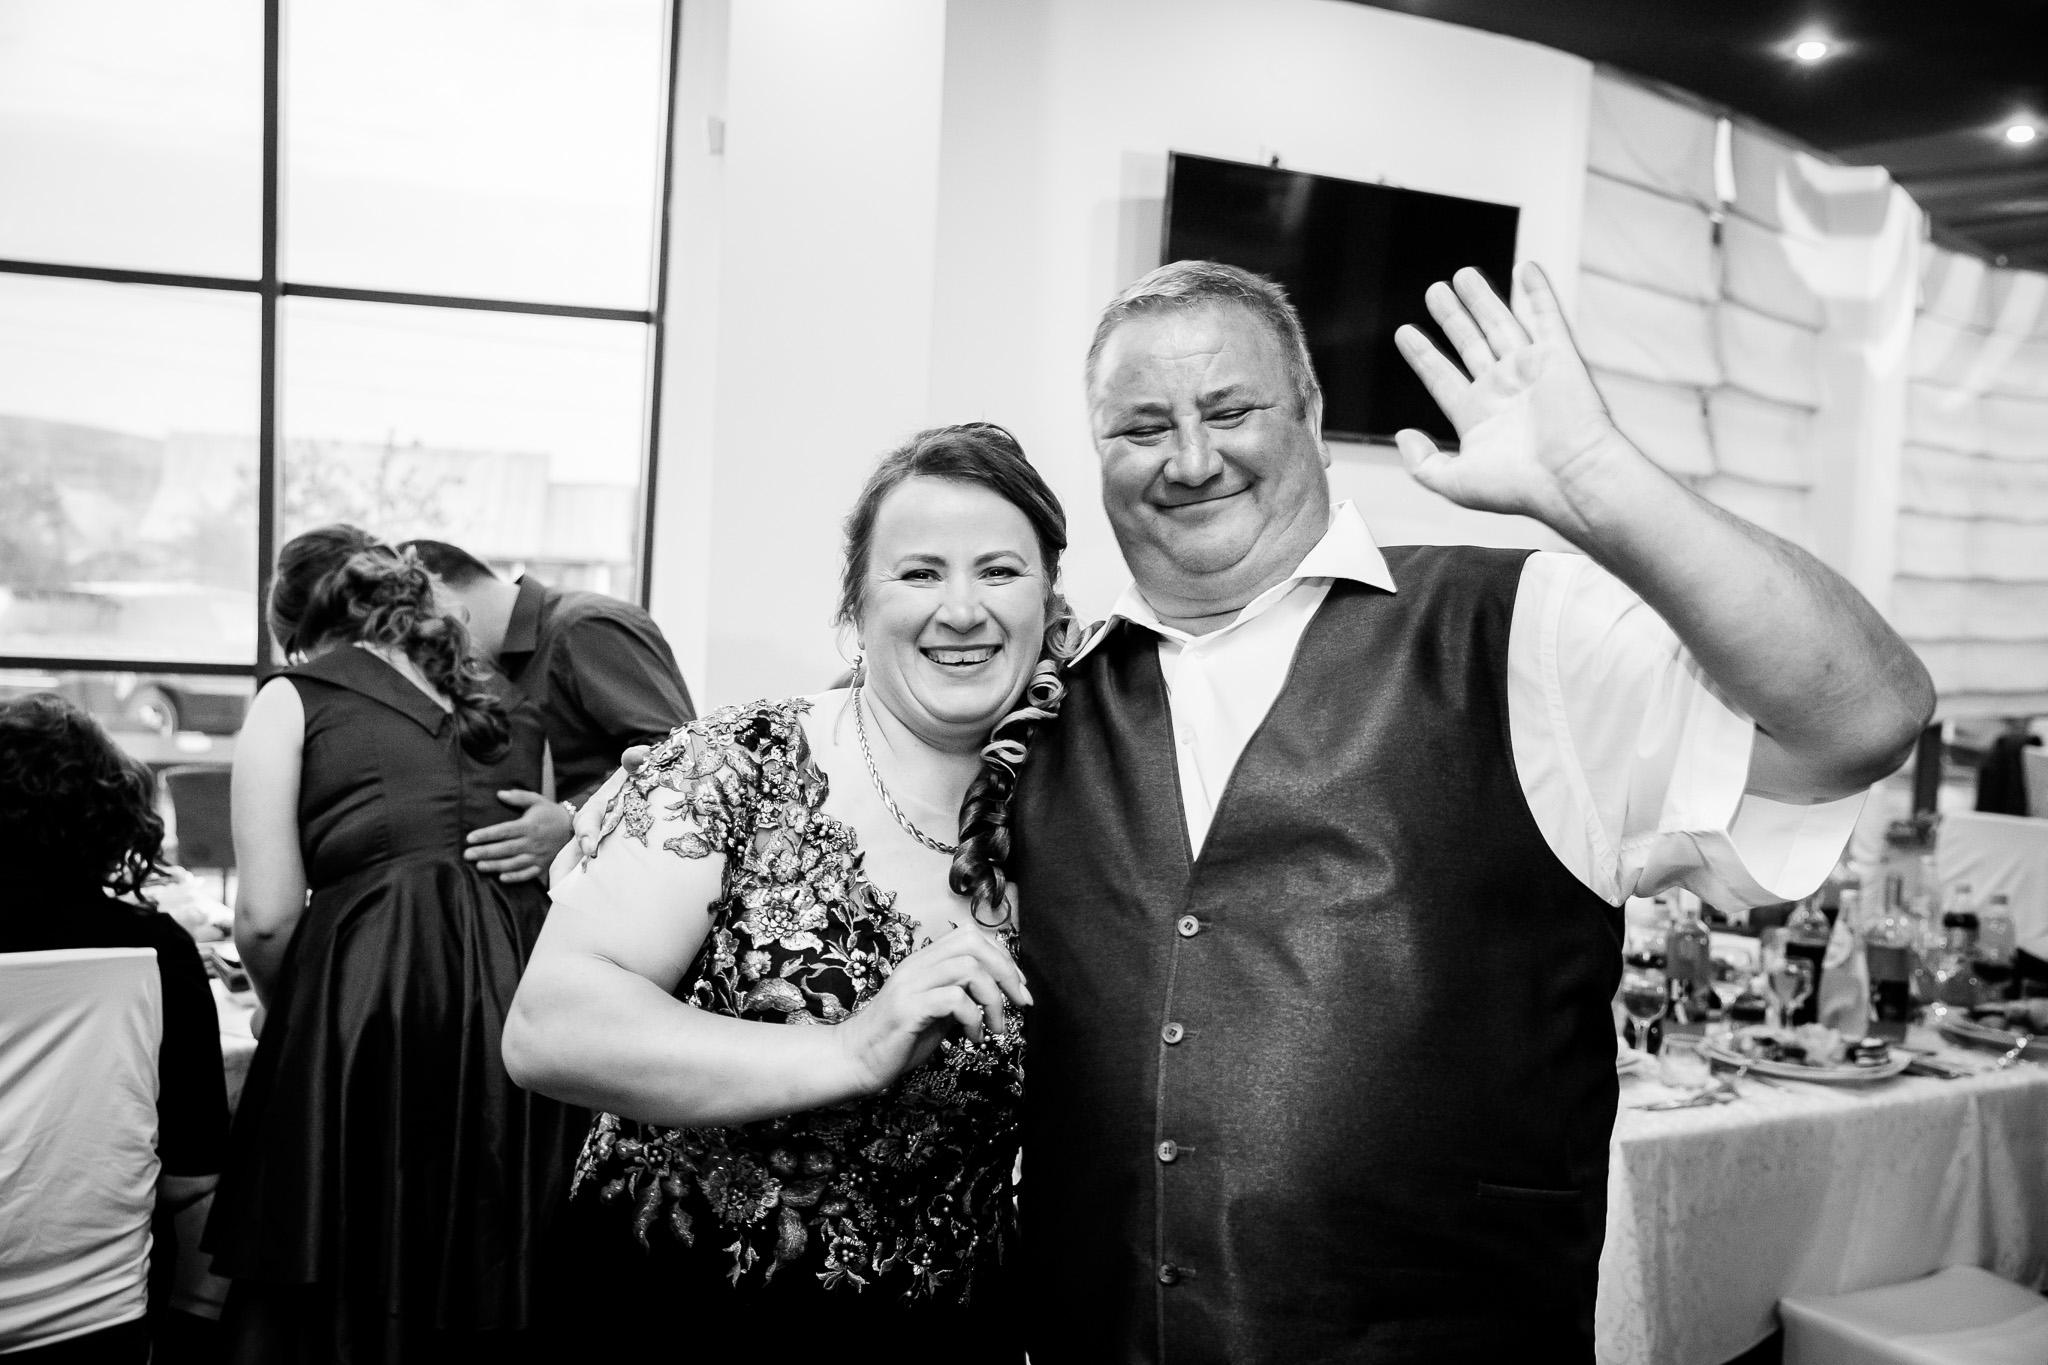 Nuntă tradițională Elisabeta și Alexandru fotograf profesionist nunta Iasi www.paulpadurariu.ro © 2018 Paul Padurariu fotograf de nunta Iasi petrecere 1